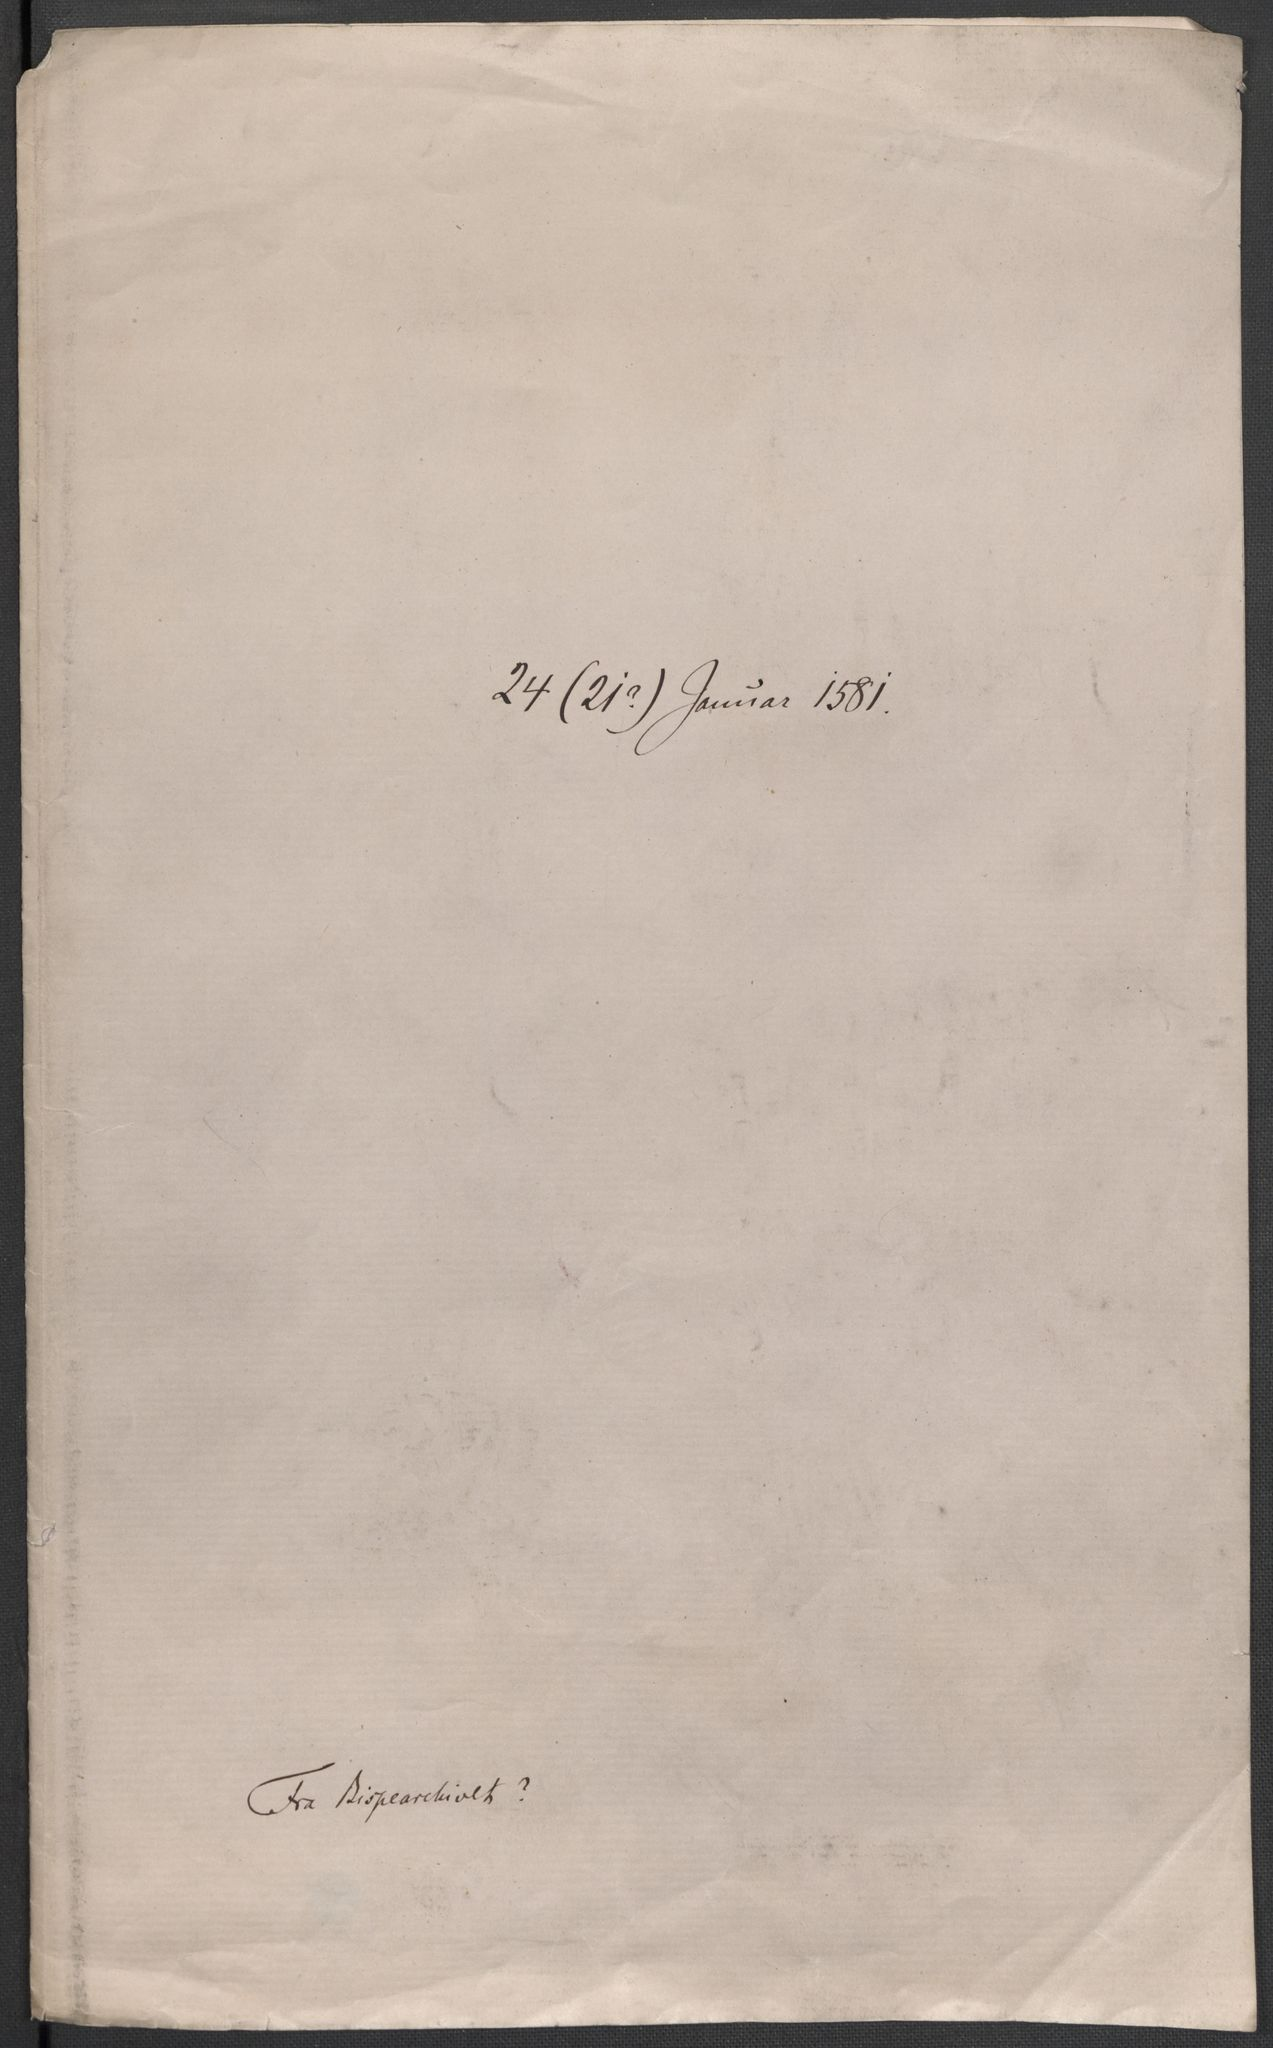 RA, Riksarkivets diplomsamling, F02/L0083: Dokumenter, 1581, s. 2